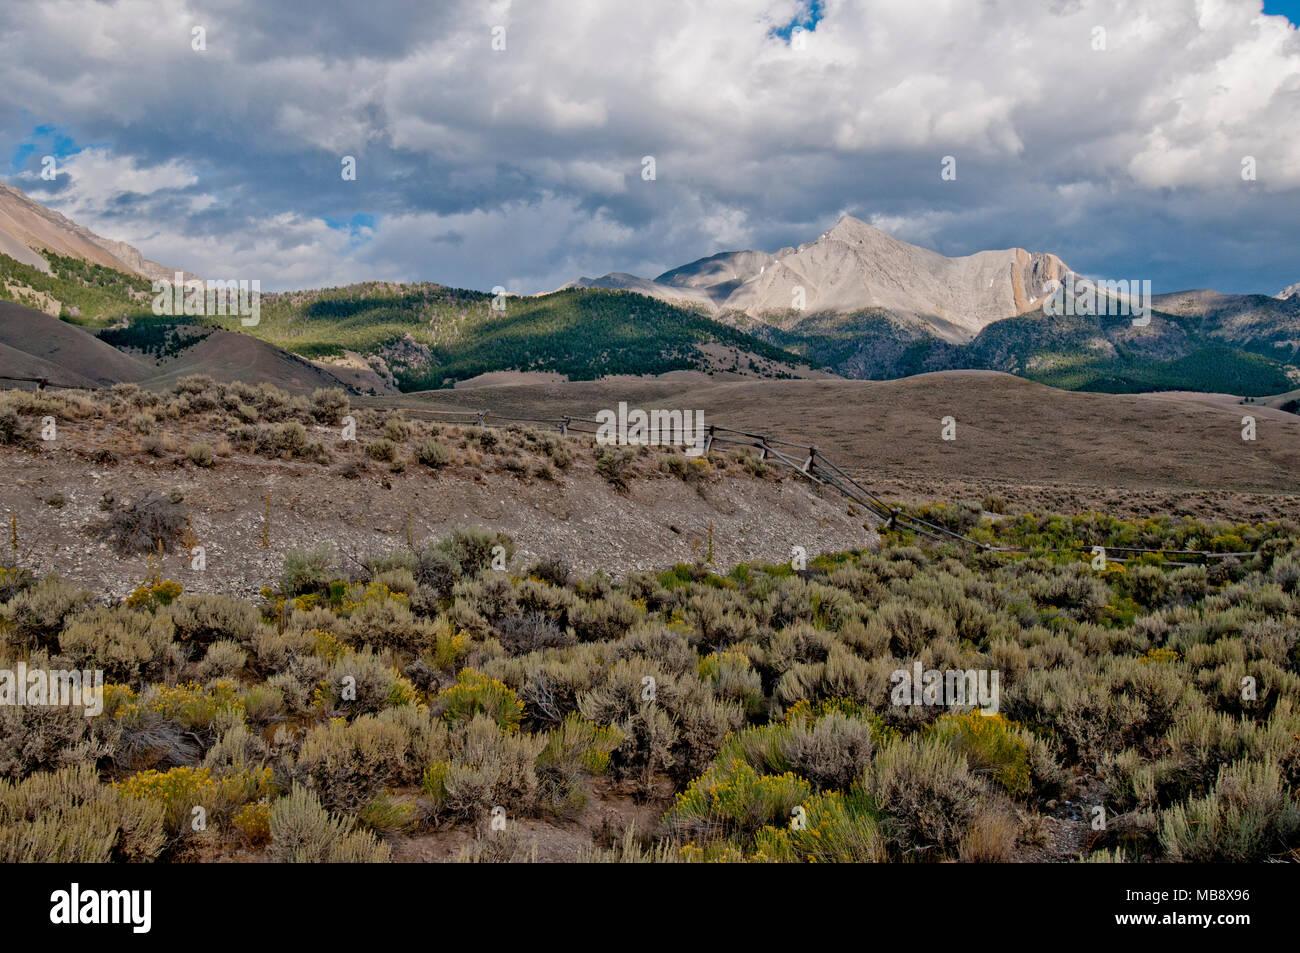 Il Monte Borah 21-miglio-lungo terremoto scarpata con il Monte Borah in background Immagini Stock